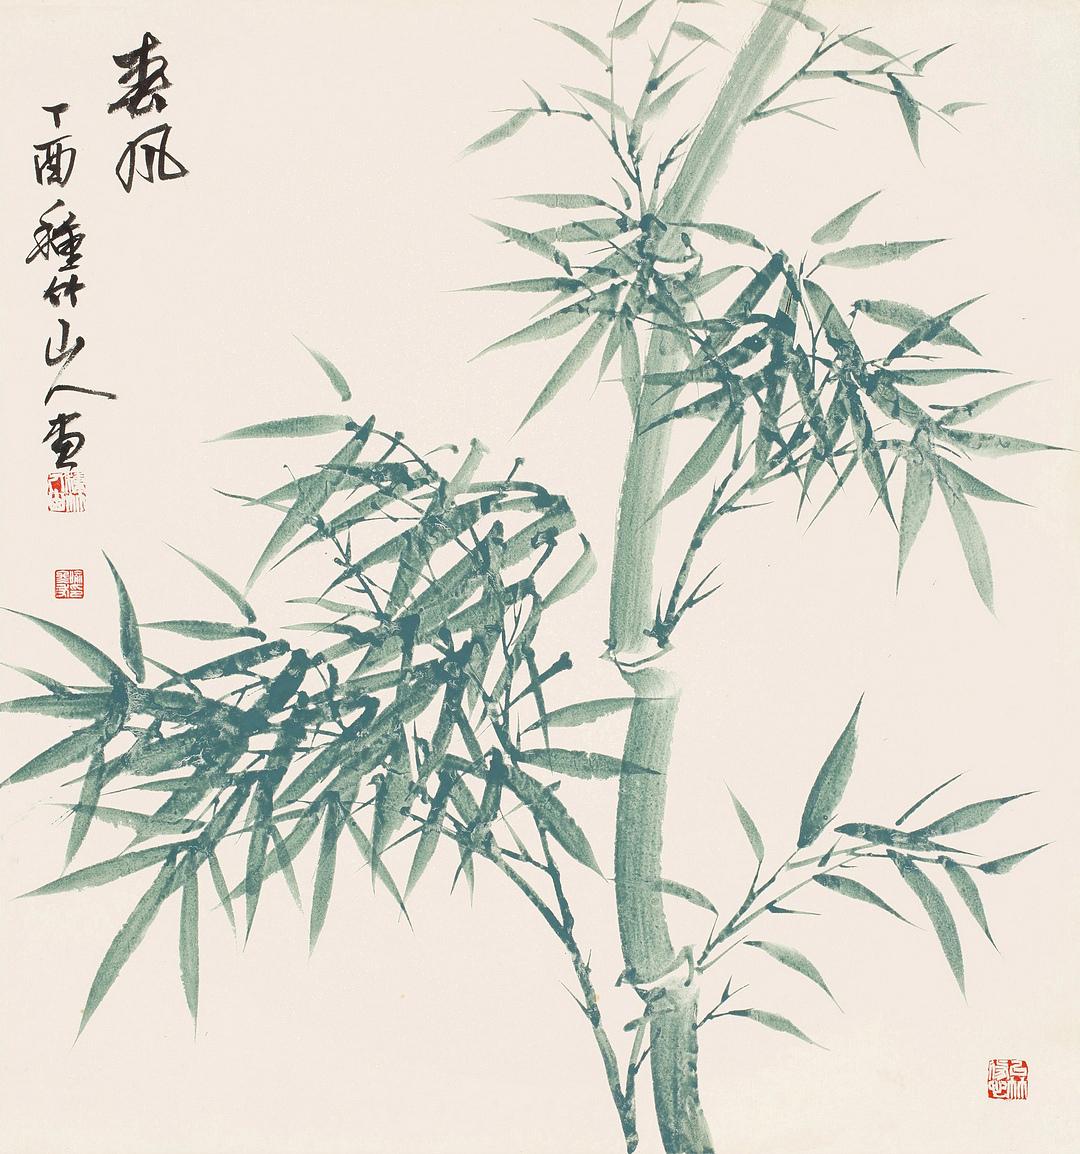 《春风》纸本水墨 2017年